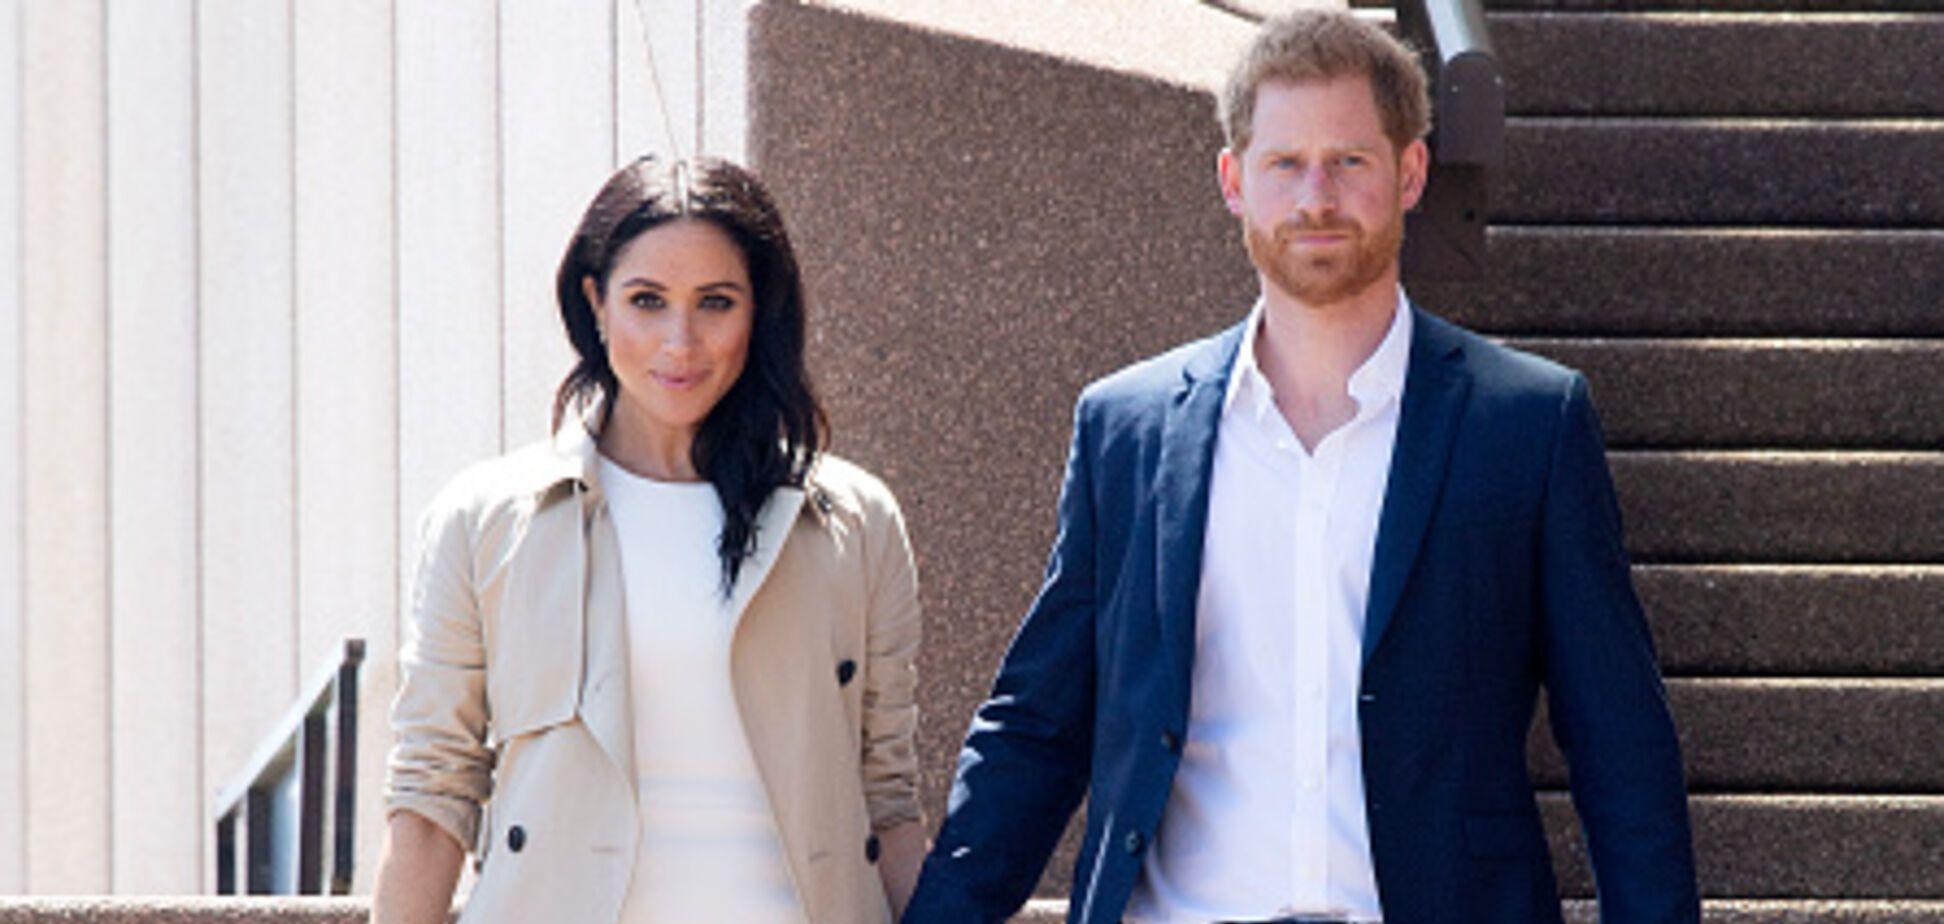 Маркл и Гарри покинули королевскую семью: прощальное письмо герцогов